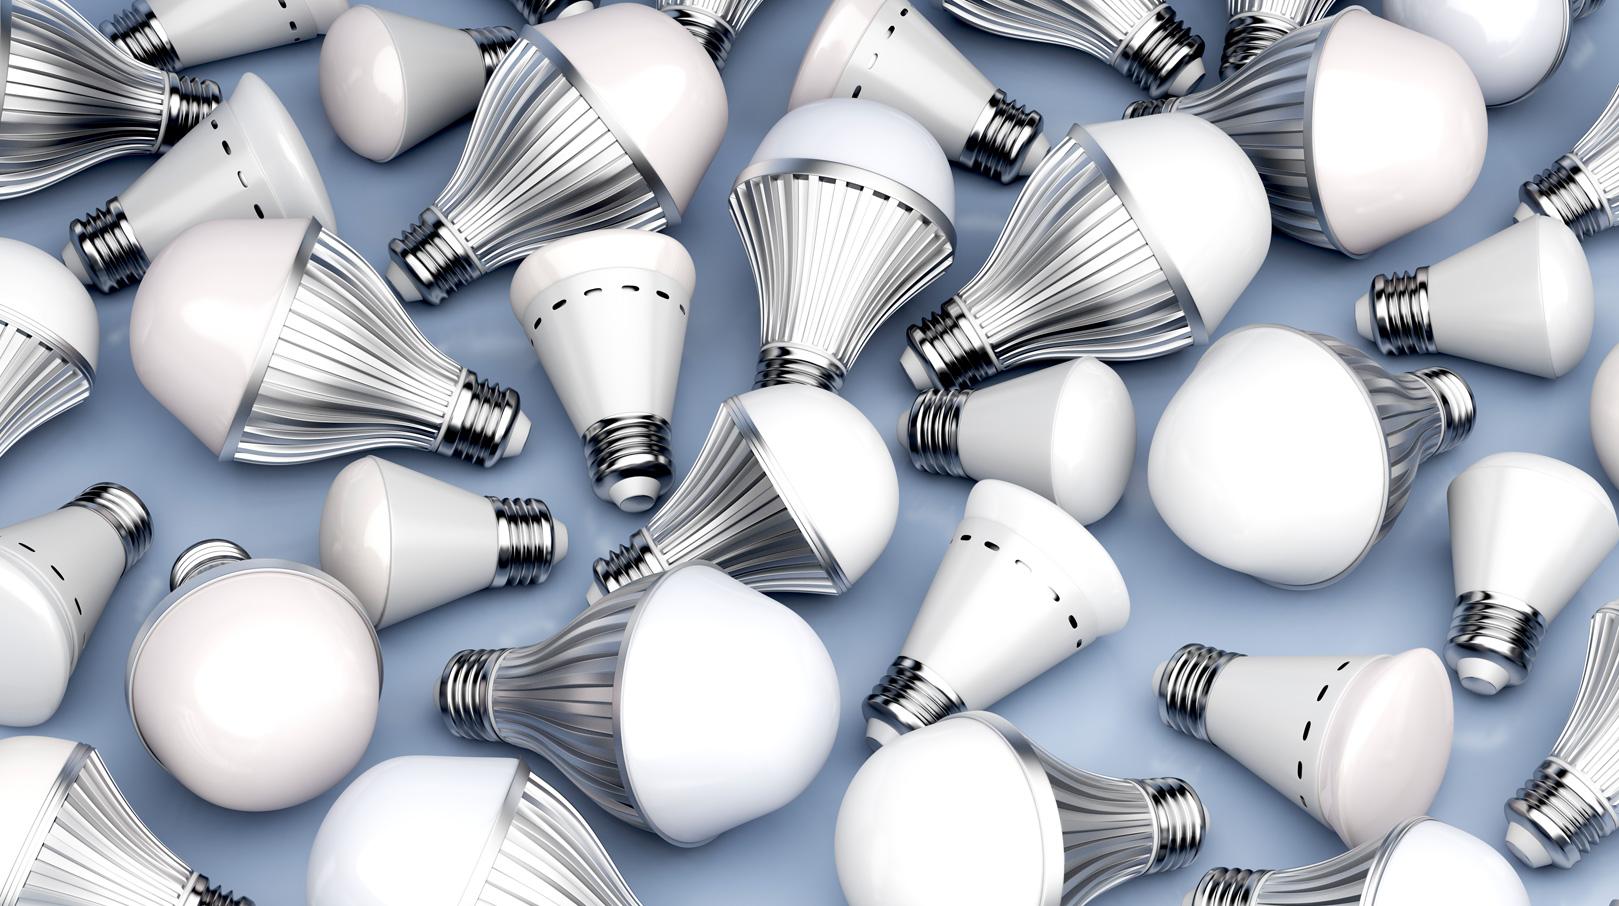 Kühlschrank Glühbirne : Alte glühbirnen lichterkette verbraucht mehr energie als kühlschrank